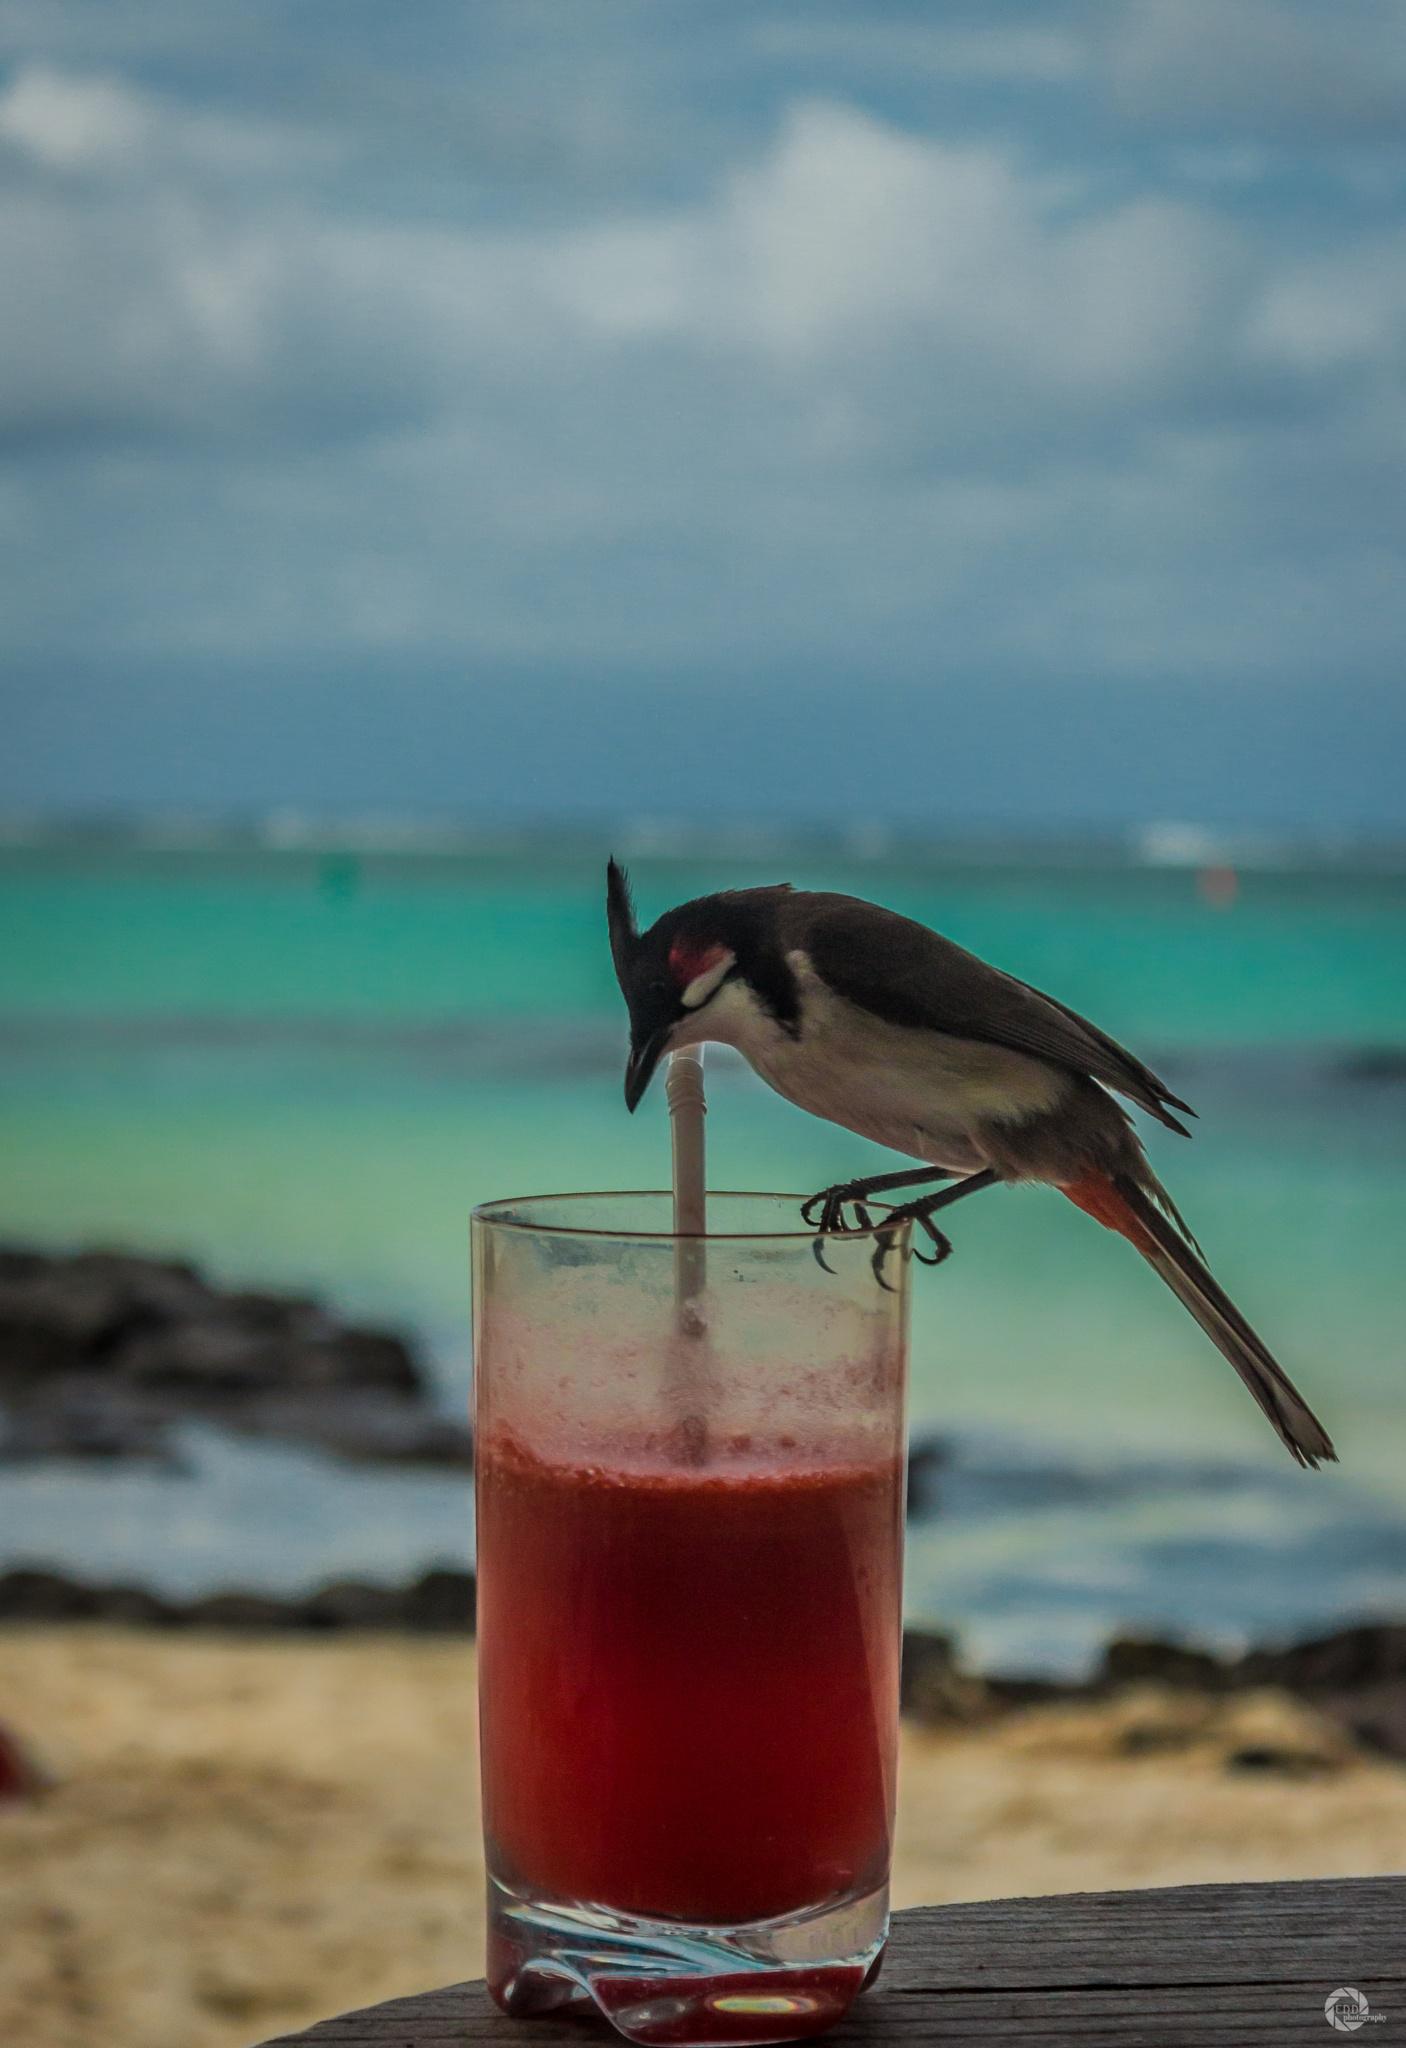 Drunk Bird by Eshveen Dabee